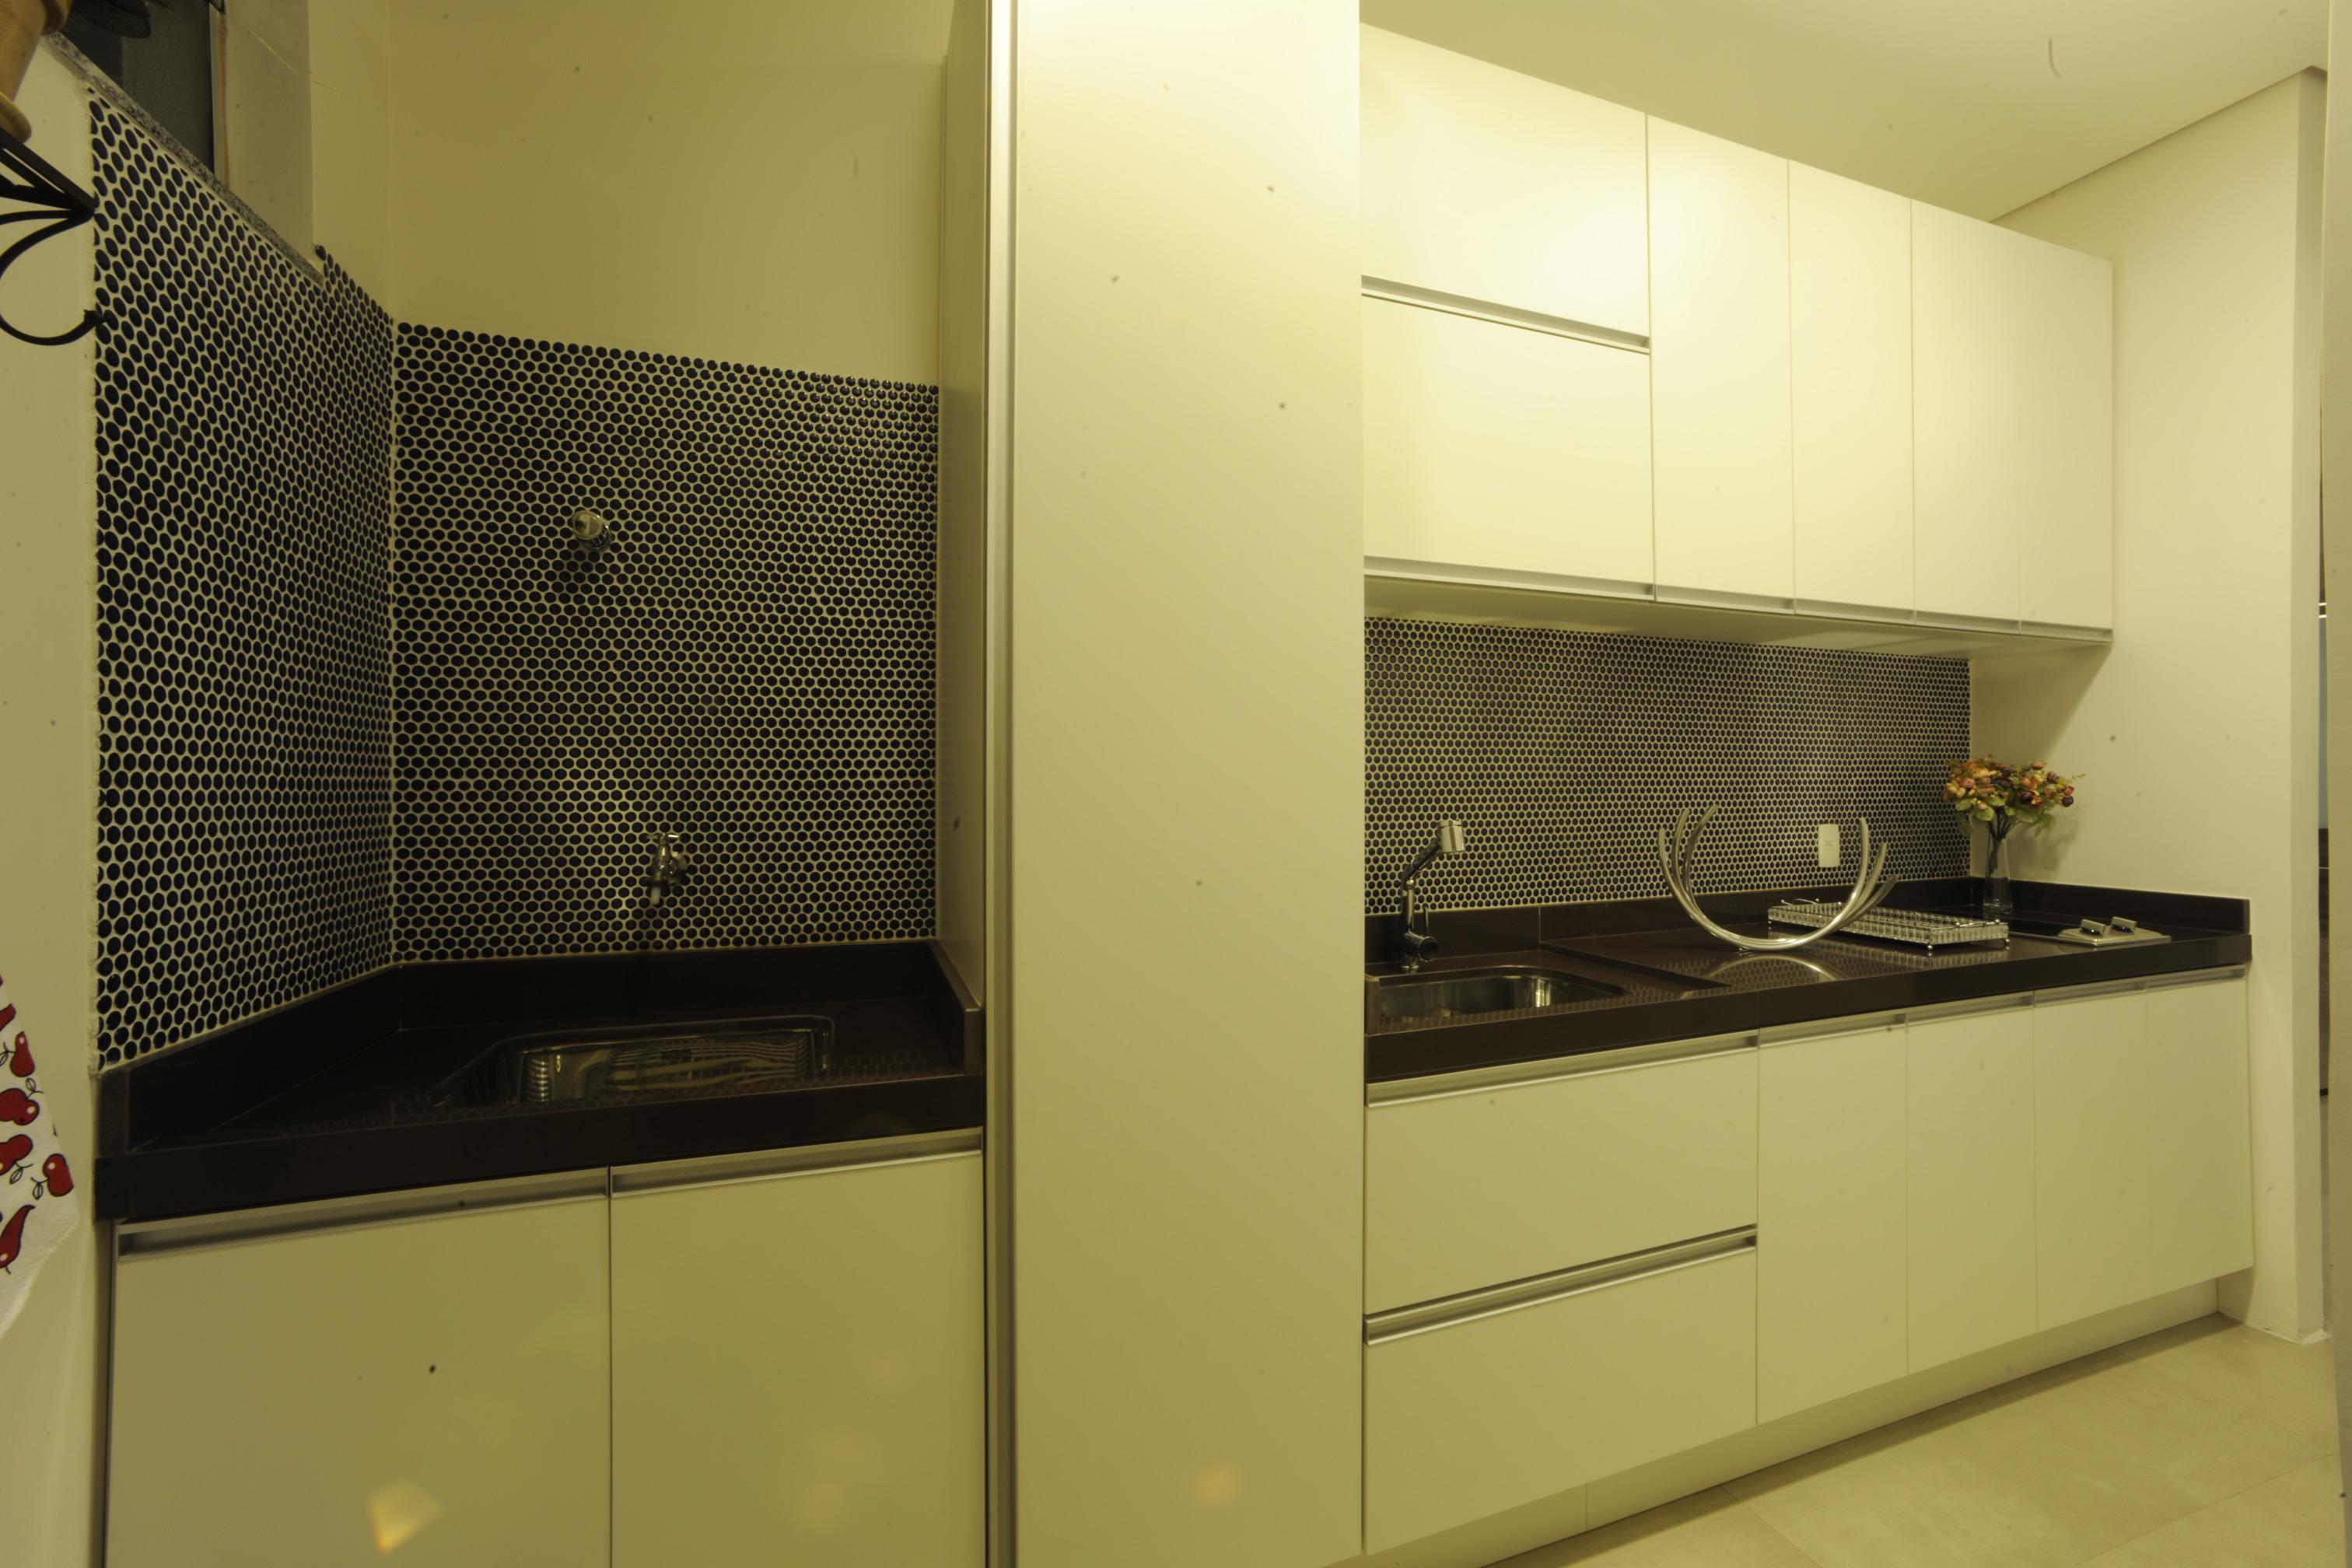 Cozinha Basica 1